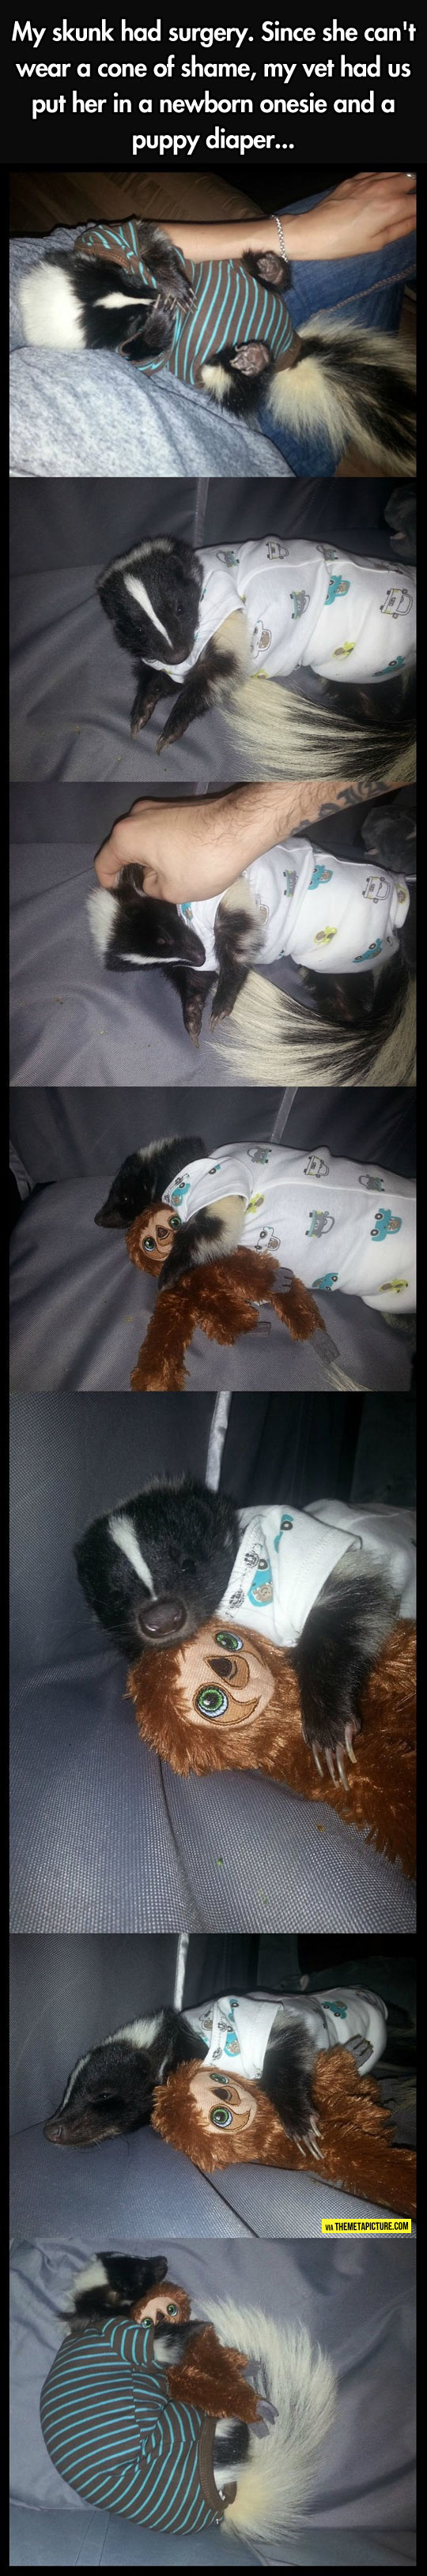 Skunk In A Puppy Diaper